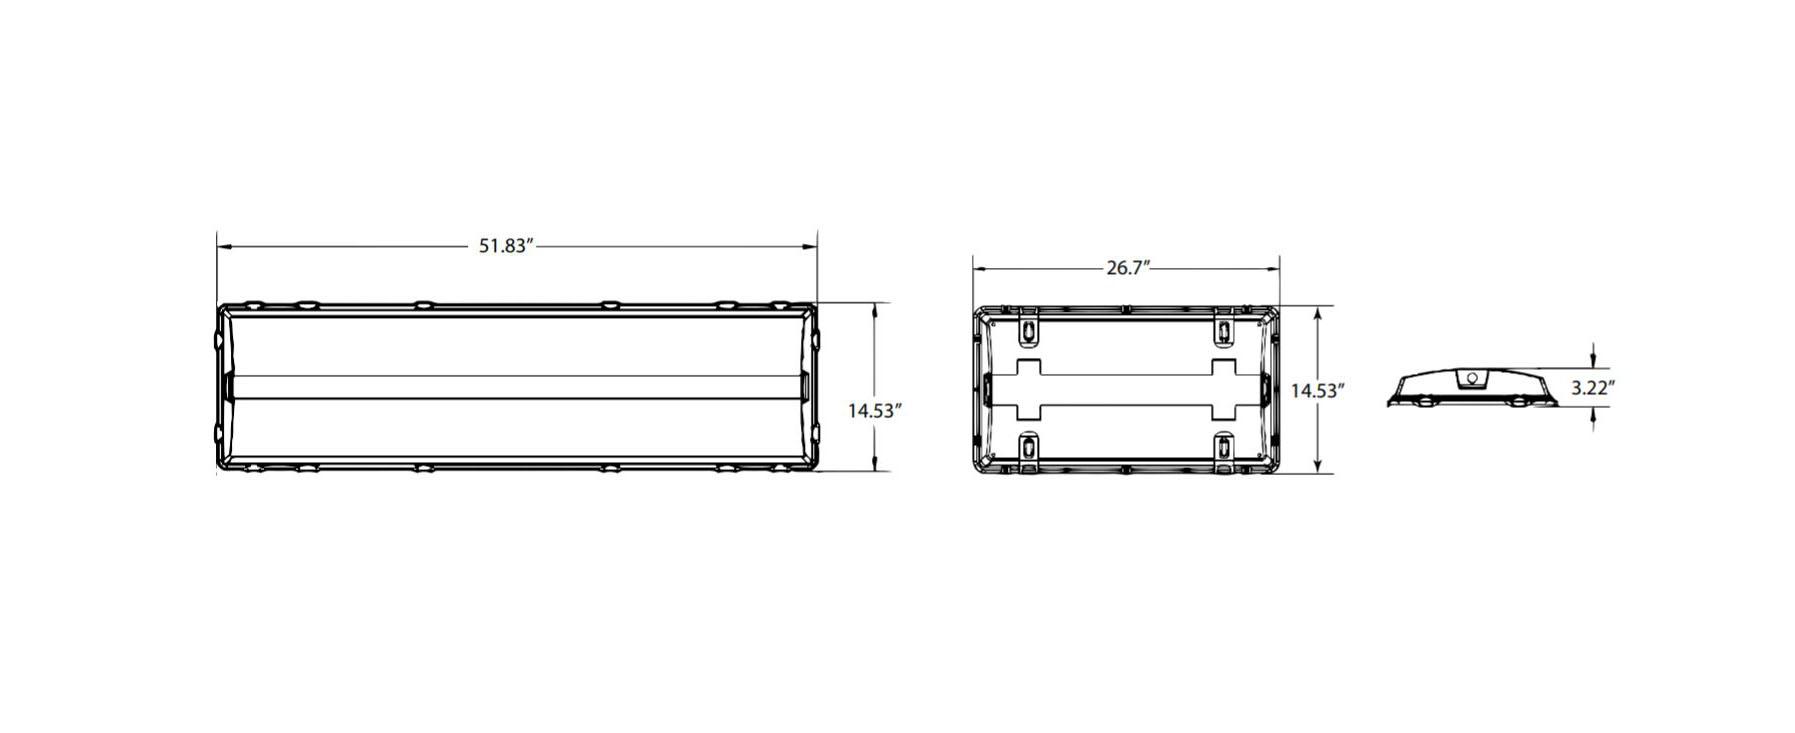 WVLF schematic